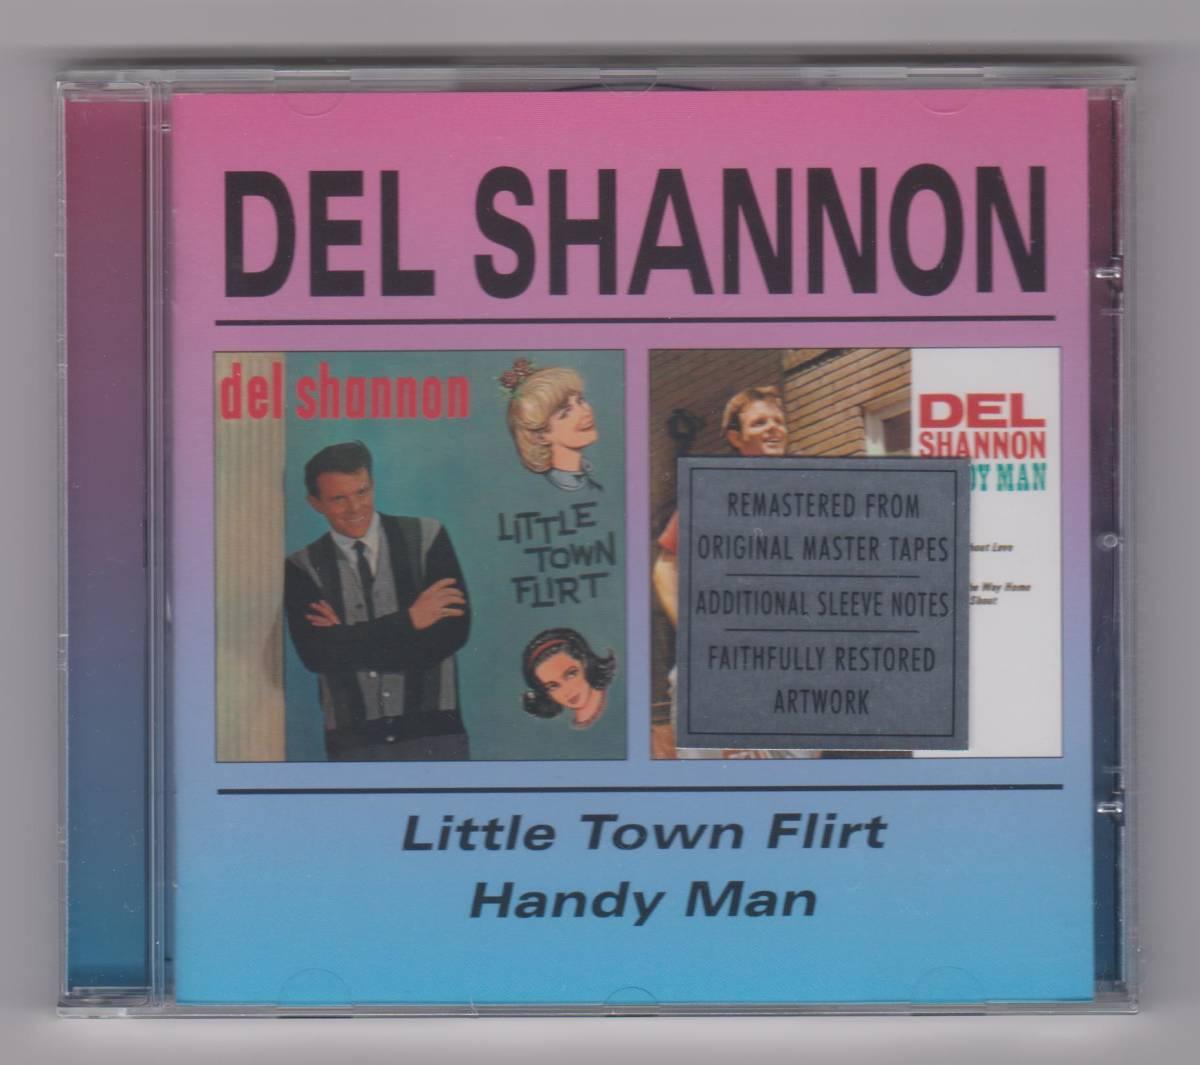 【新品/輸入盤CD】DEL SHANNON/Little Town Flirt & Handy Man_(出品商品はシールド状態です)